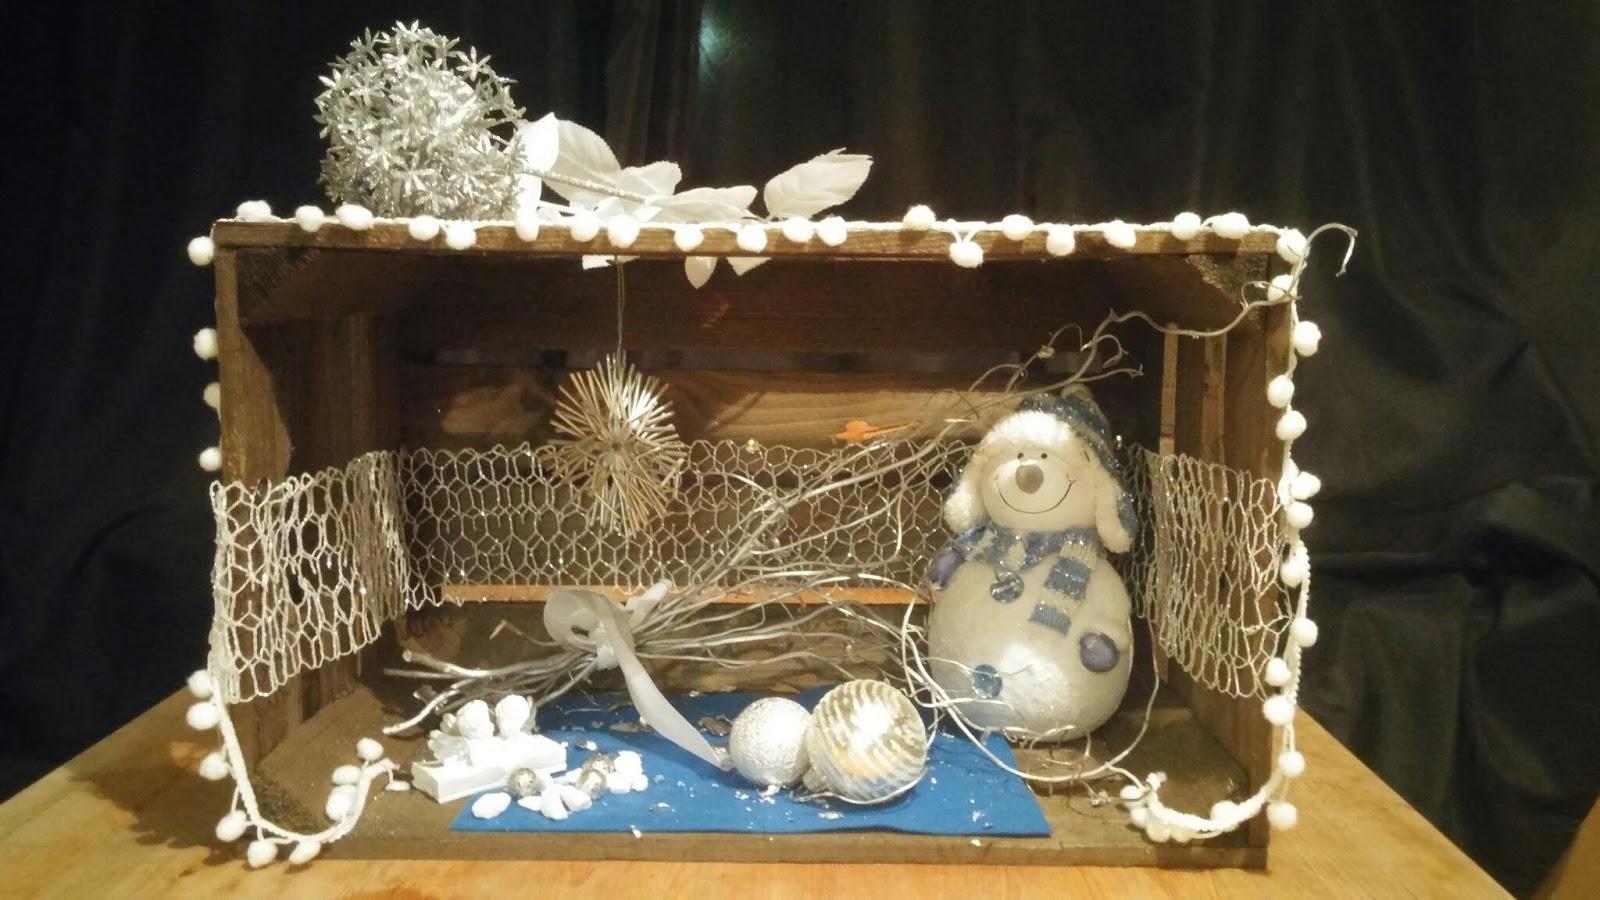 Fabelhaft Weinkisten Weihnachtlich Dekorieren Galerie Von In Den Farben Weiß, Silber Und Blau,